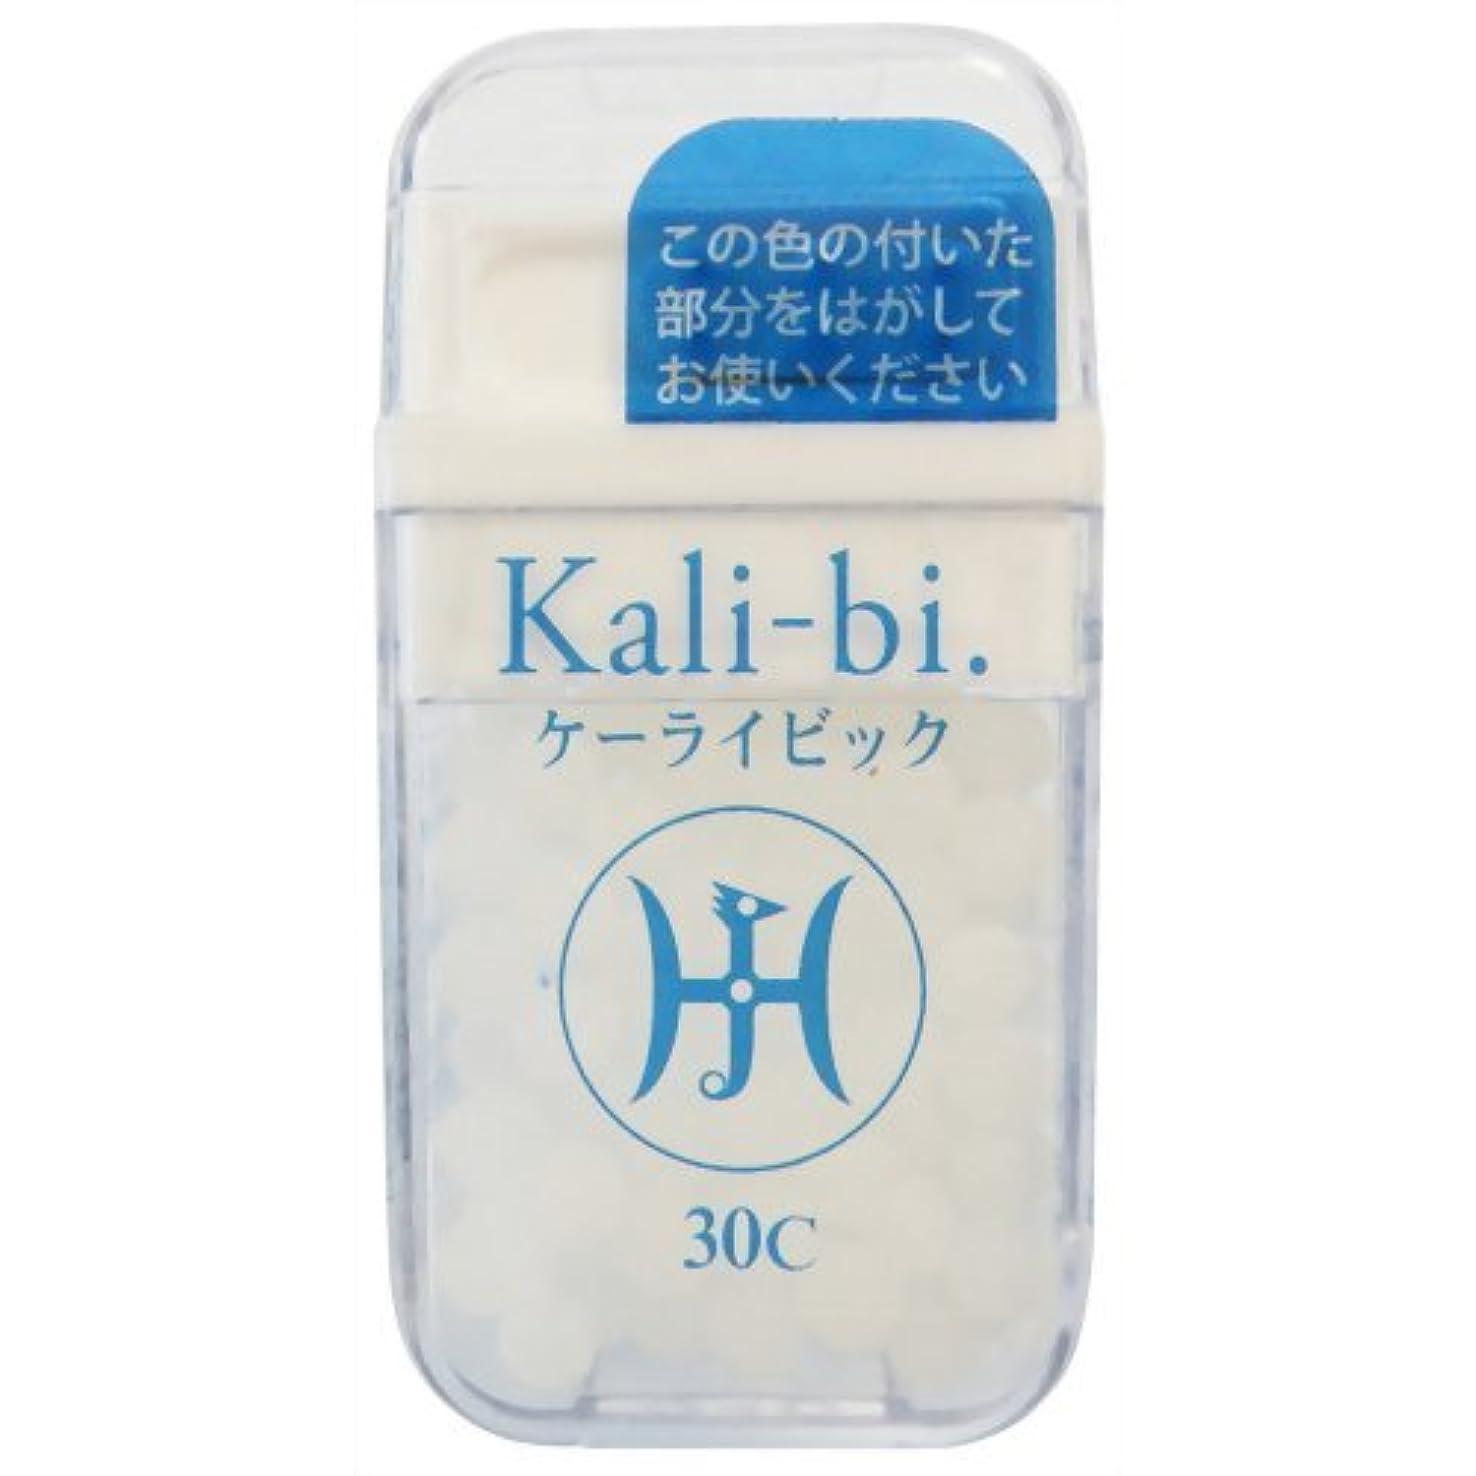 言語管理します誓約ホメオパシージャパンレメディー Kali-bi.  ケーライビック 30C (大ビン)